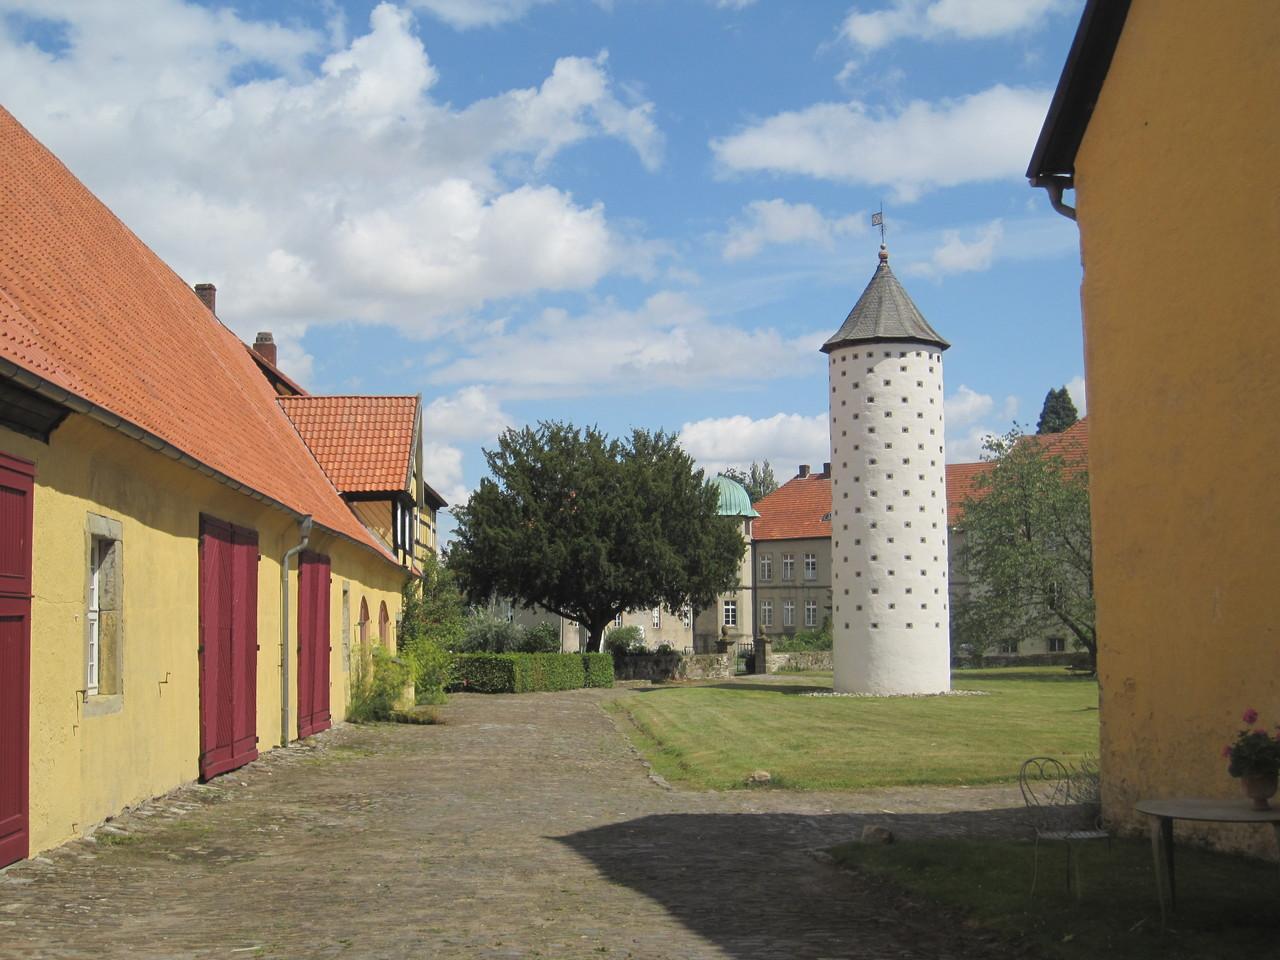 Taubenturm und Wirtschaftsgebäude